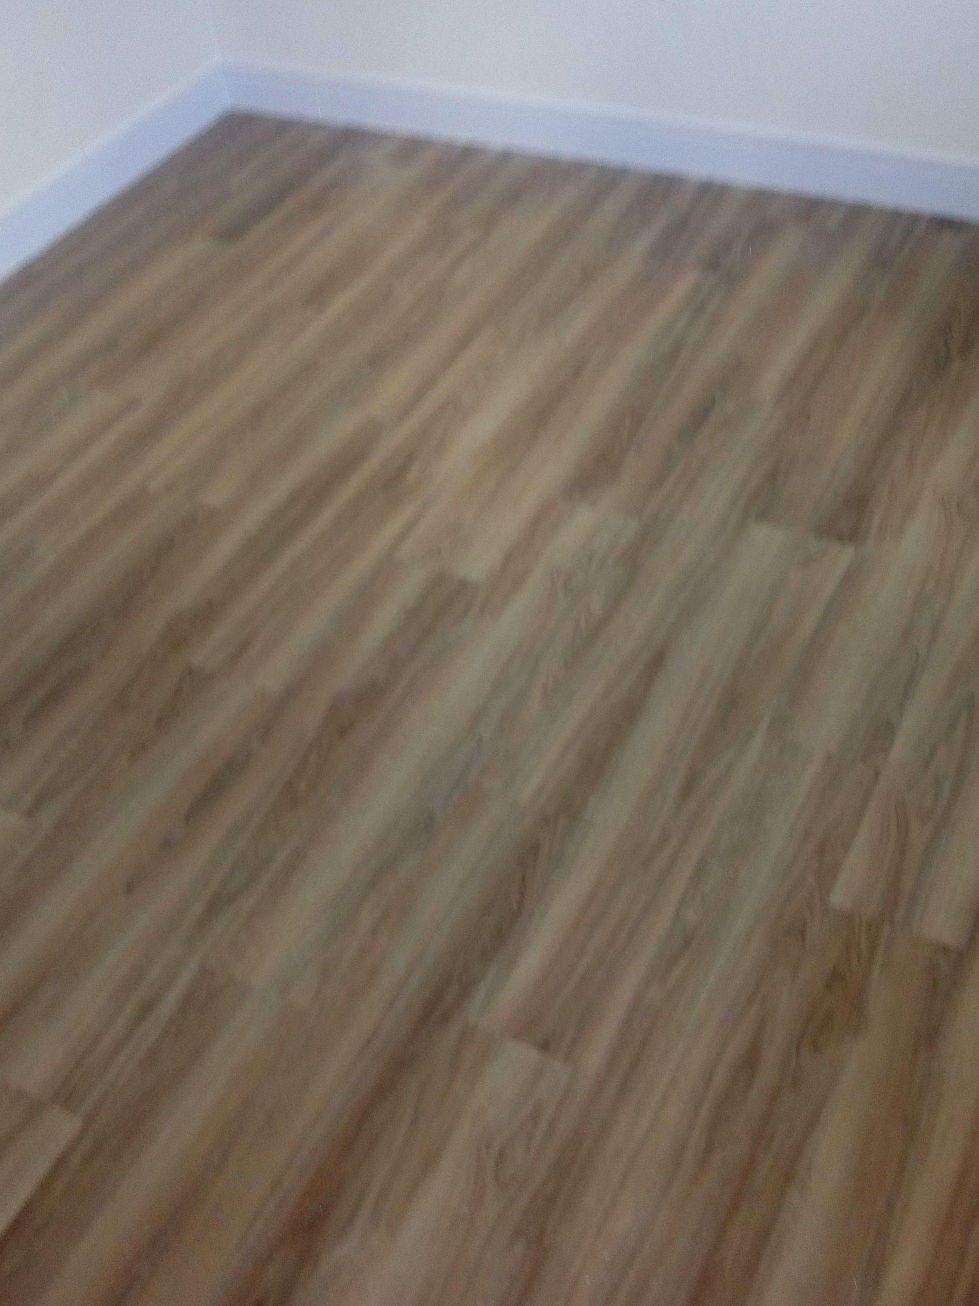 piso vinílico colado